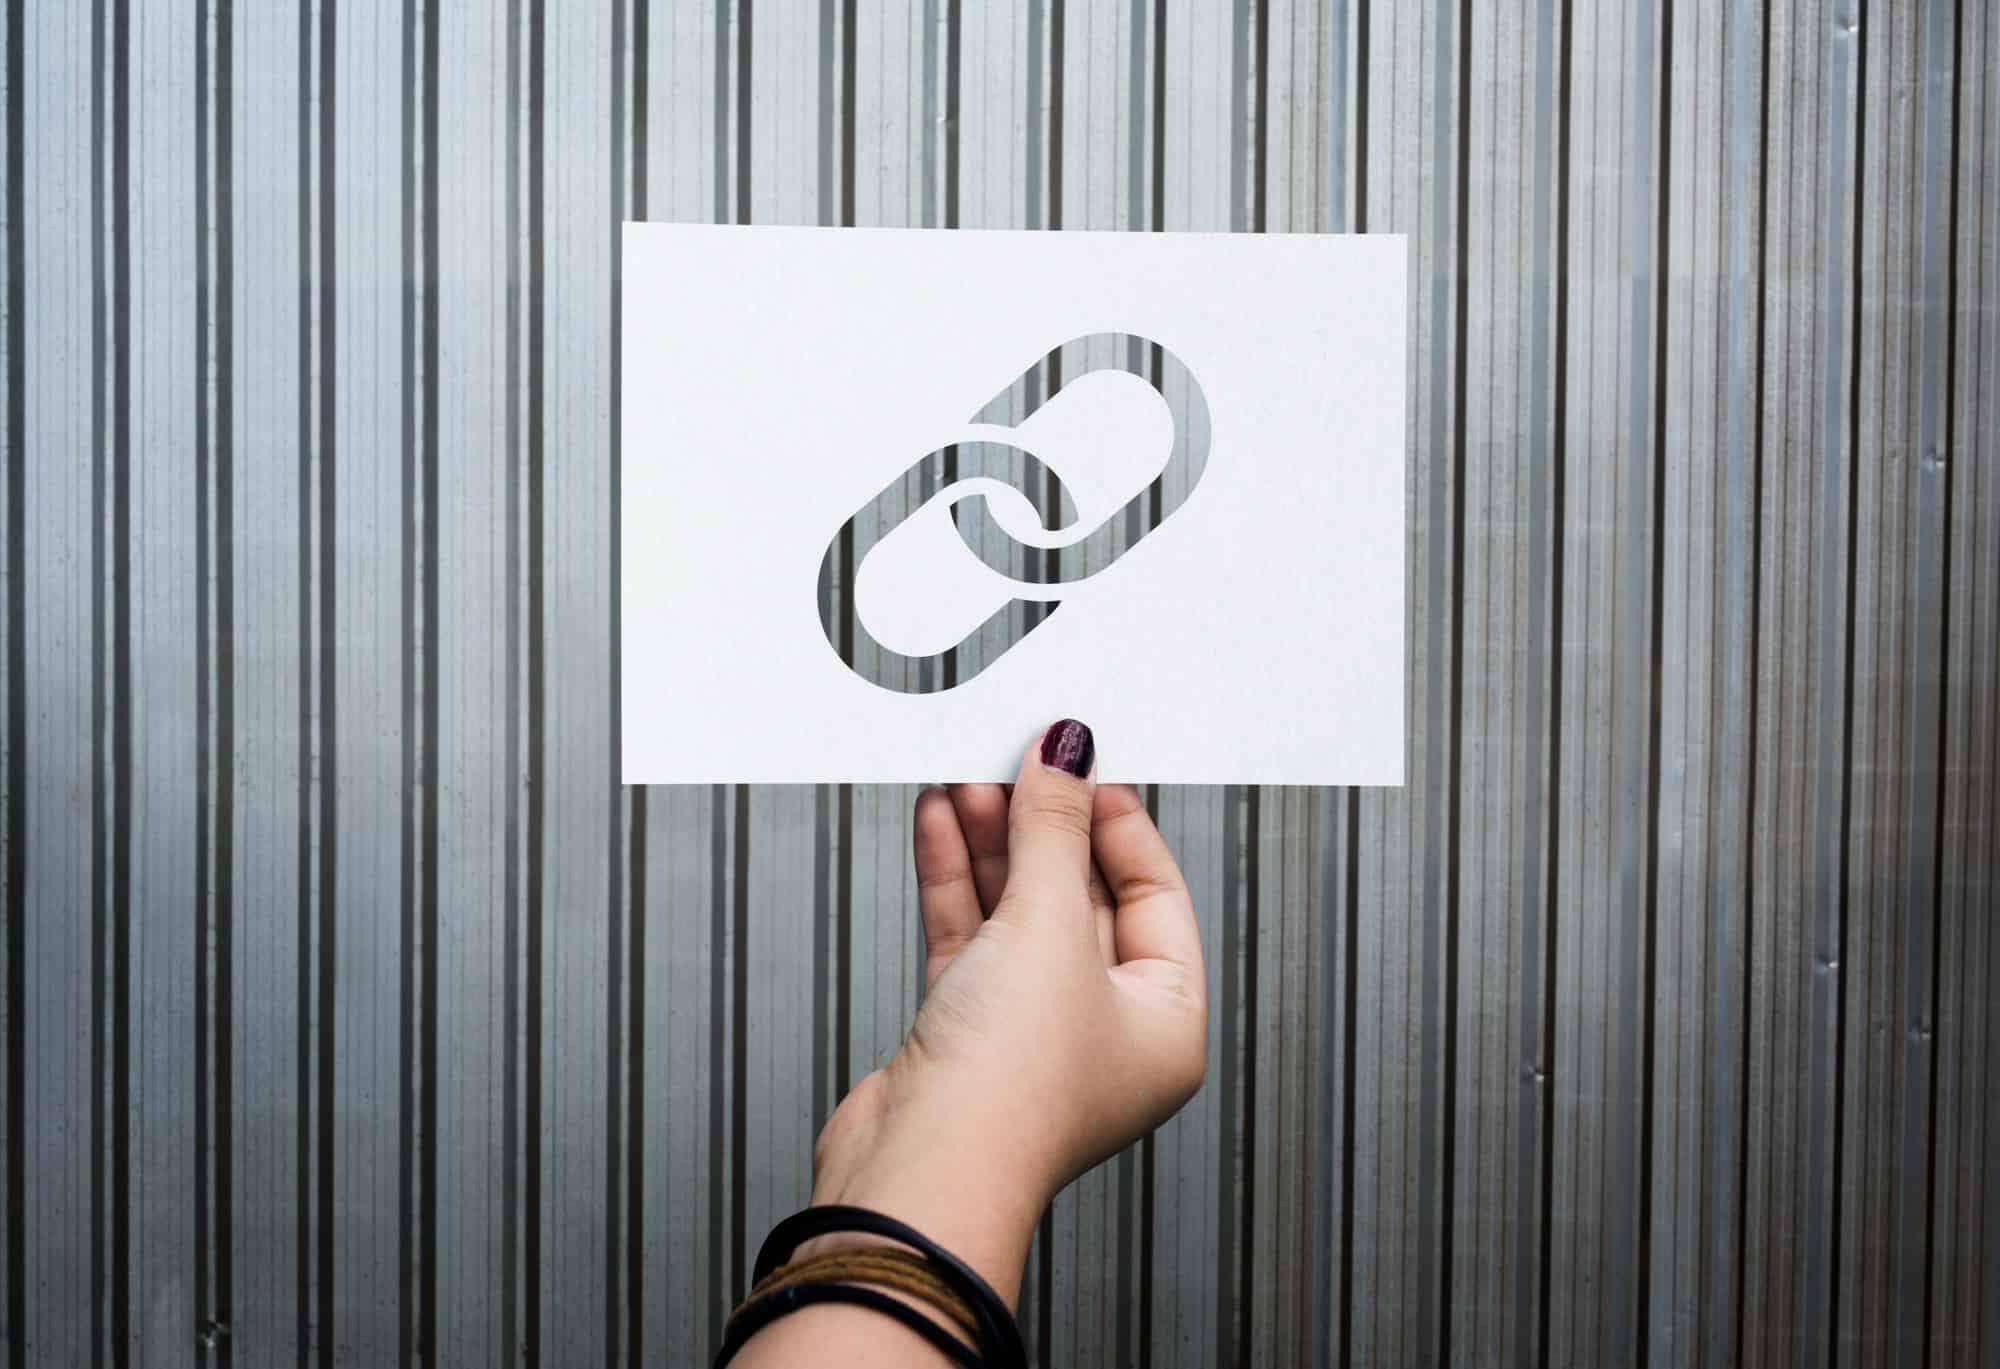 בסט לינקס freepil corporate-connected-link-perforated-paper (2)